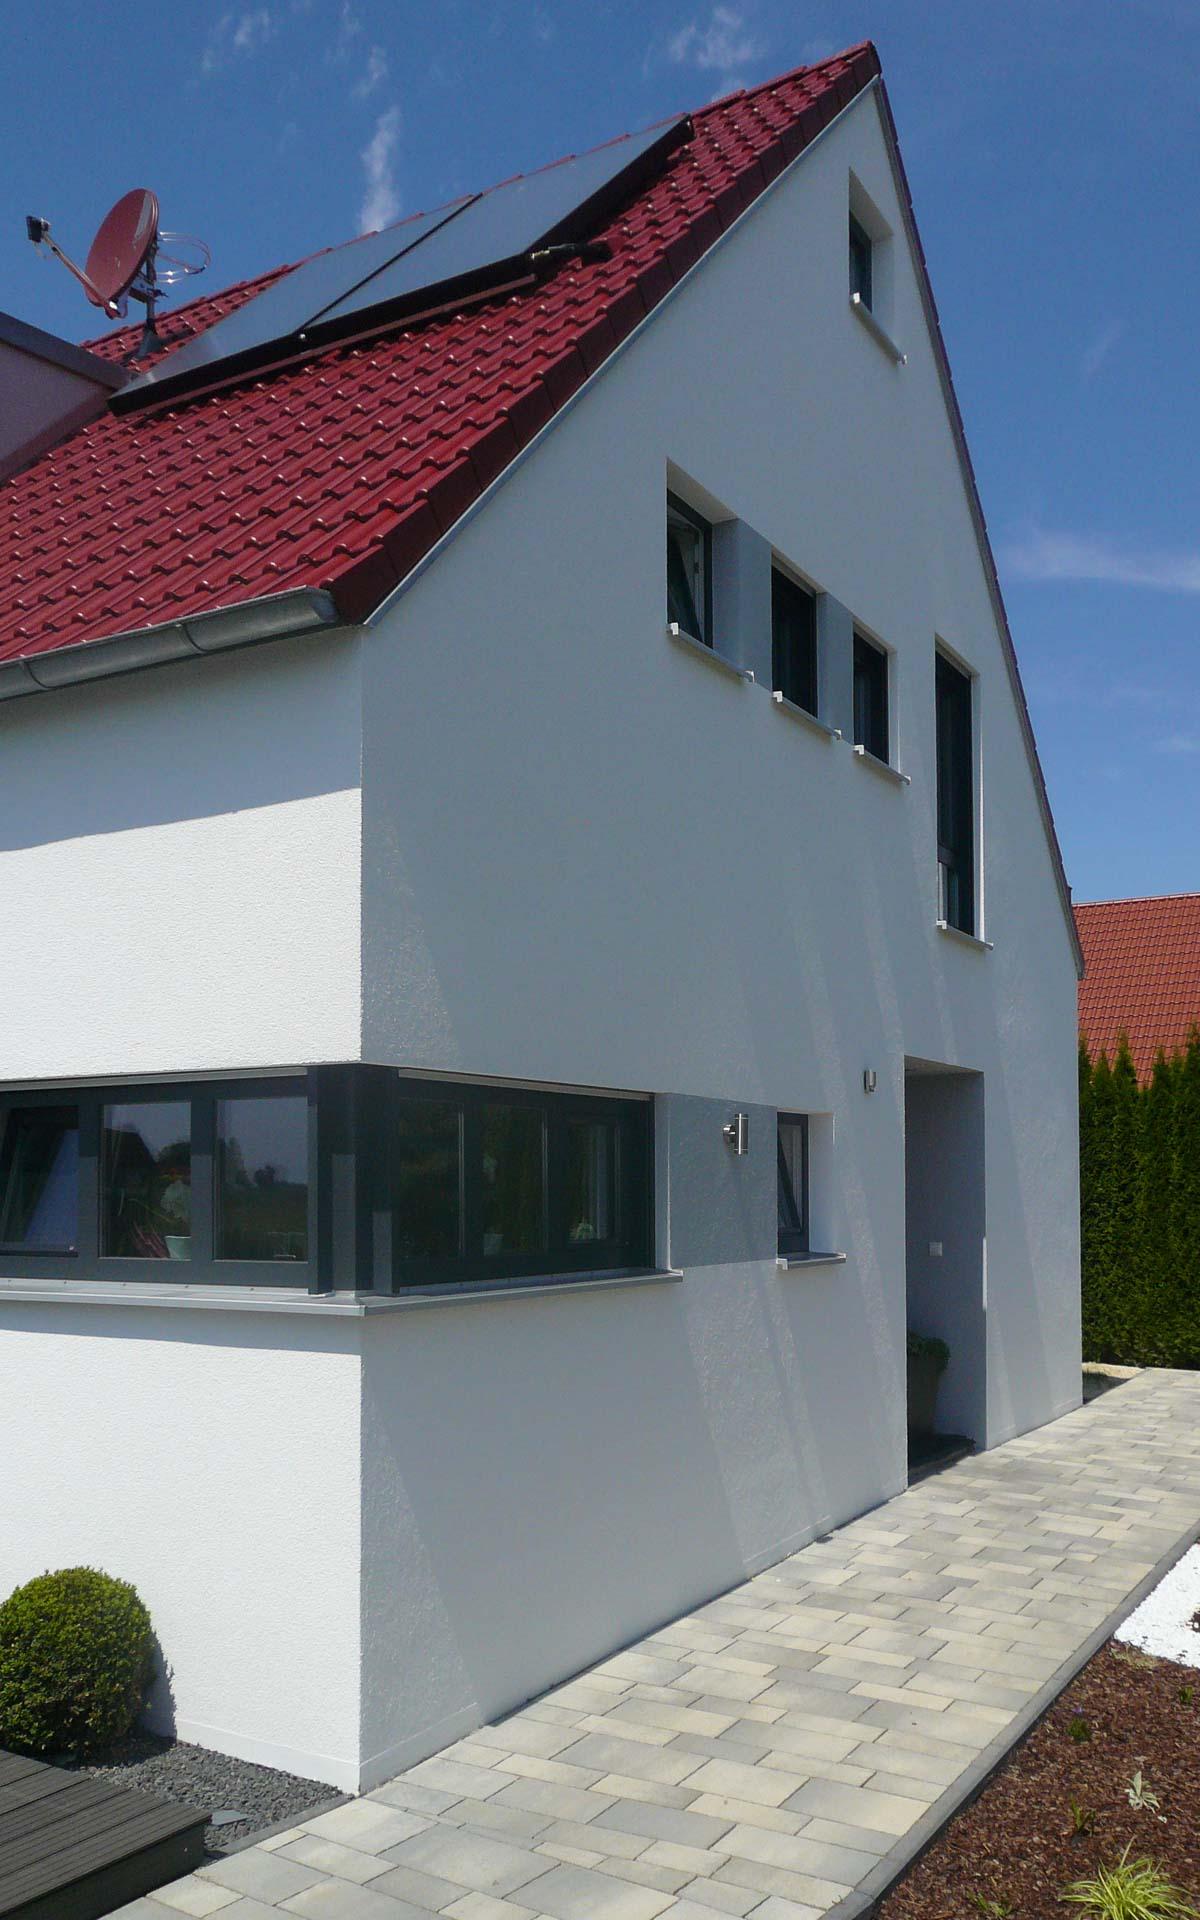 Relativ Klassisches Satteldach-Haus modern interpretiert   mkm traumhäuser OM11